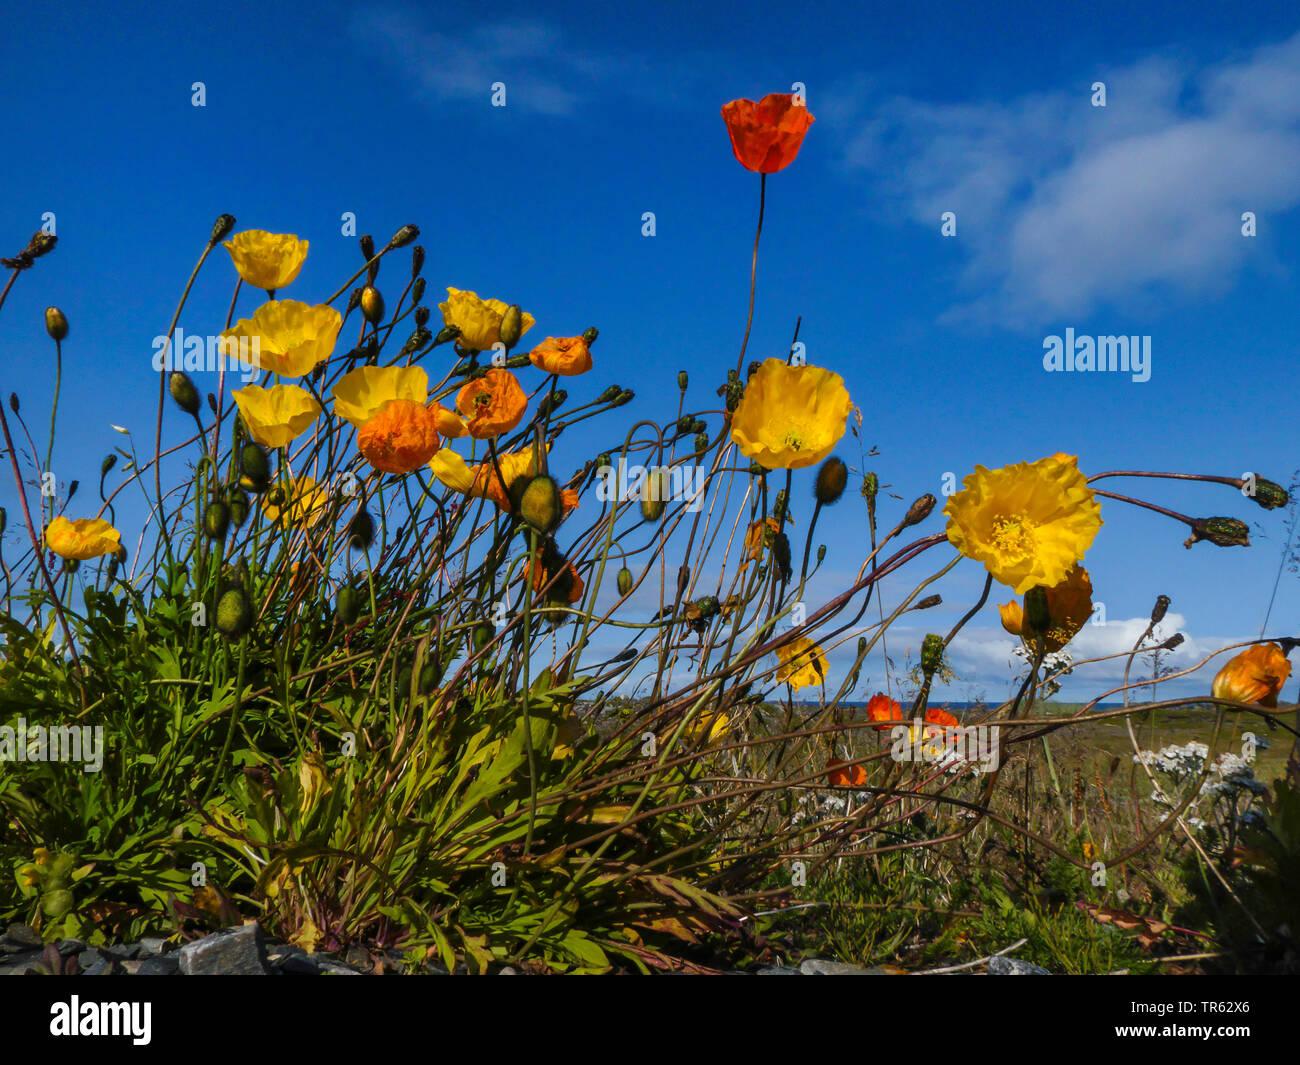 Arktischer Mohn, Polar-Mohn, Polarmohn (Papaver radicatum), bluehend, Norwegen, Finnmark, Kjoelneset   rooted poppy (Papaver radicatum), blooming, Nor - Stock Image